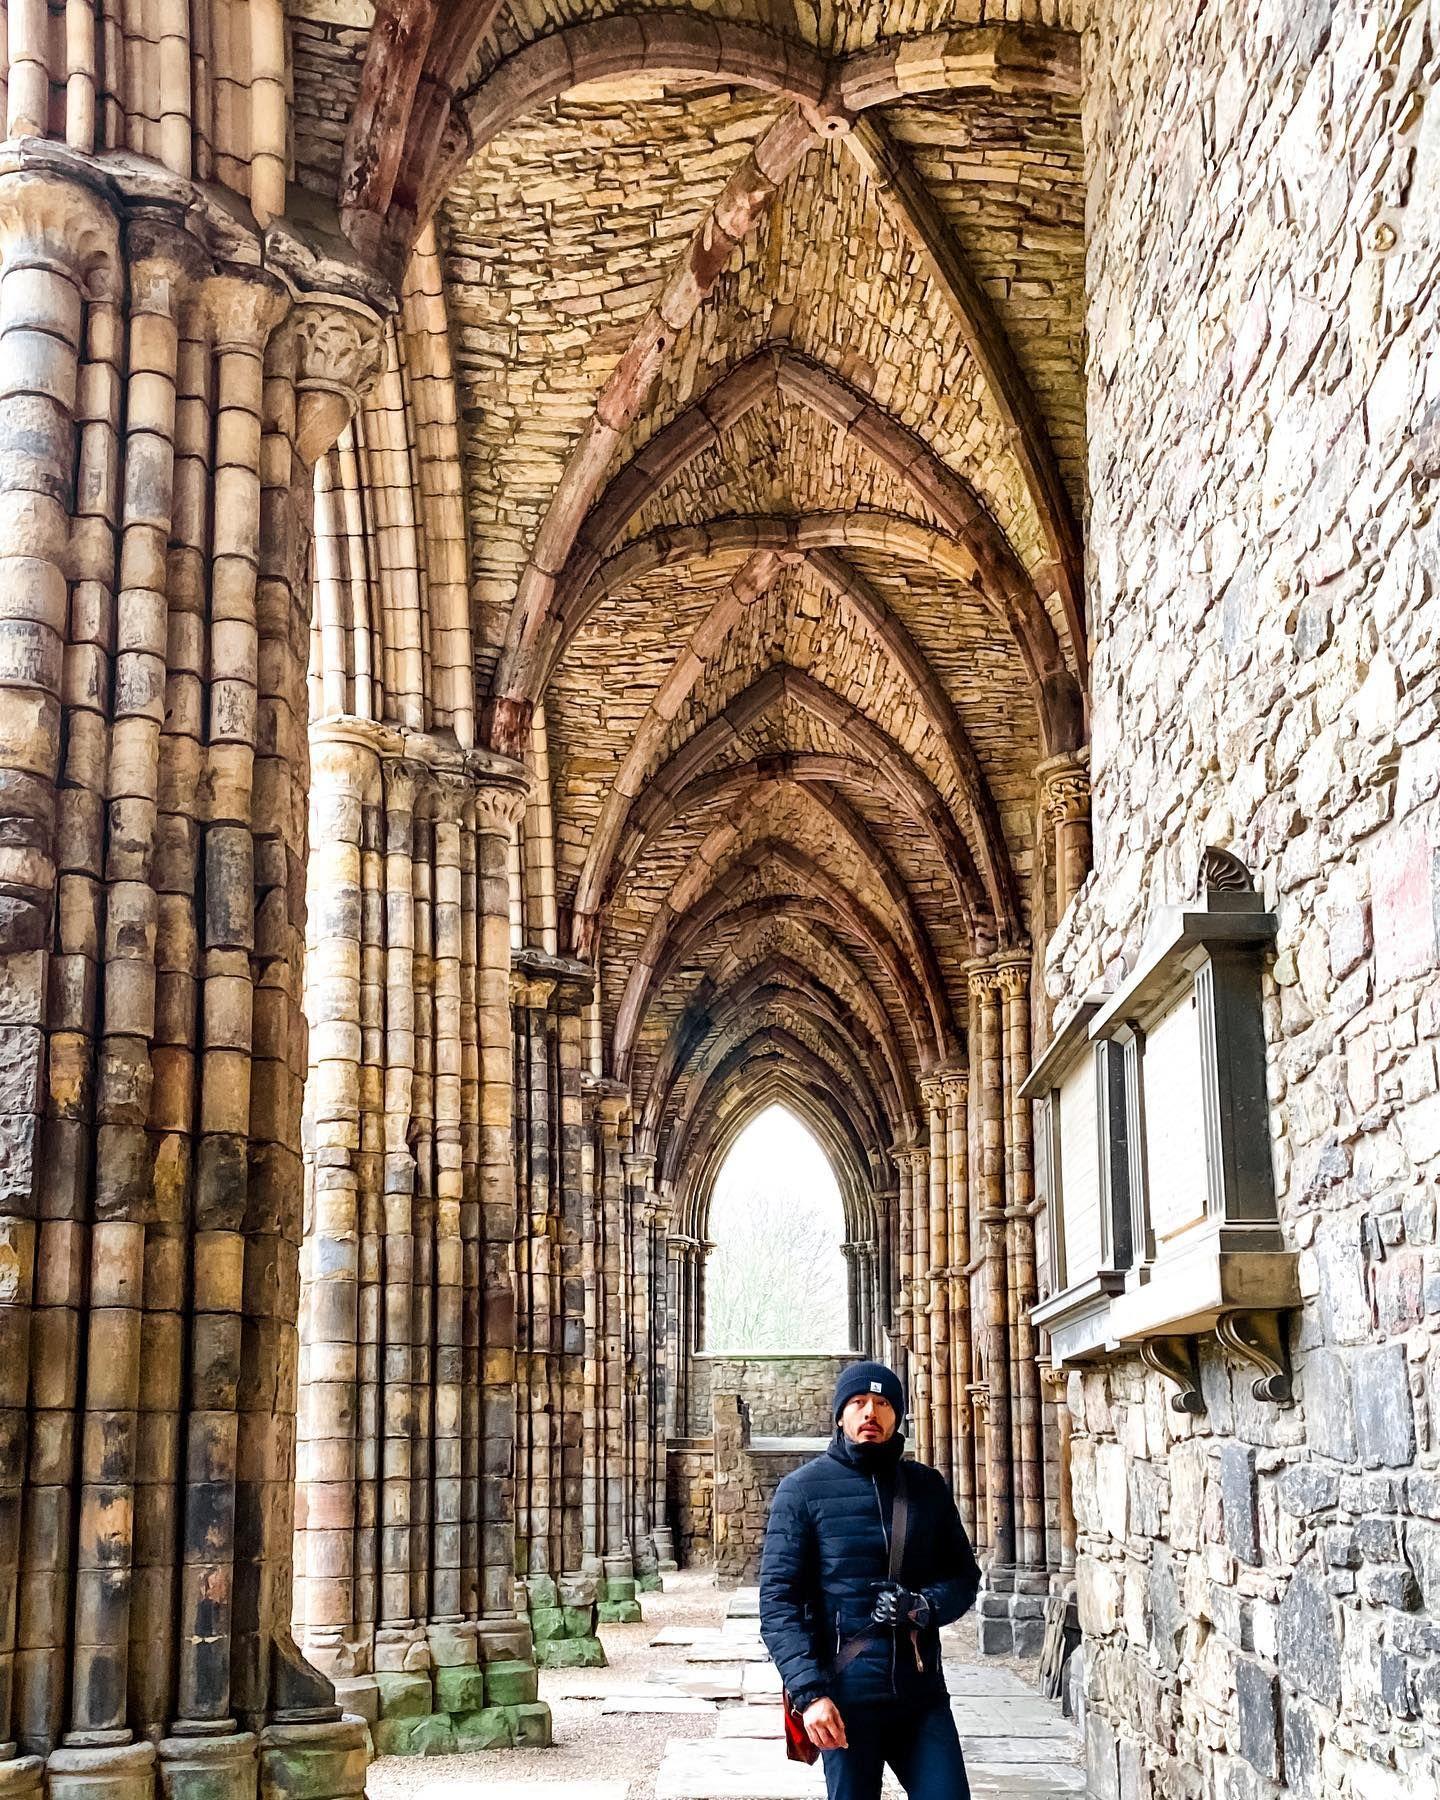 🏴: Las ruinas de la abadía del palacio Holyrood... si así se ve ahora, imaginen cómo sería en su época dorada, llena de vitrales y decoraciones. Uno de los lugares que no puede faltar en su visita a Edinburgh, Escocia. Guía: MochileroViajando.com/. . . . . #edinburgh #edinburghcity #uk #unitedkingdom #edinburghstory #edinburghsnapshots #exploreedinburgh #edinburghlife #scotland #scotland_lover #scotland_ig #instatravel #igersscotland #igersedinburgh #igersedinburgh #igersuk #igersme